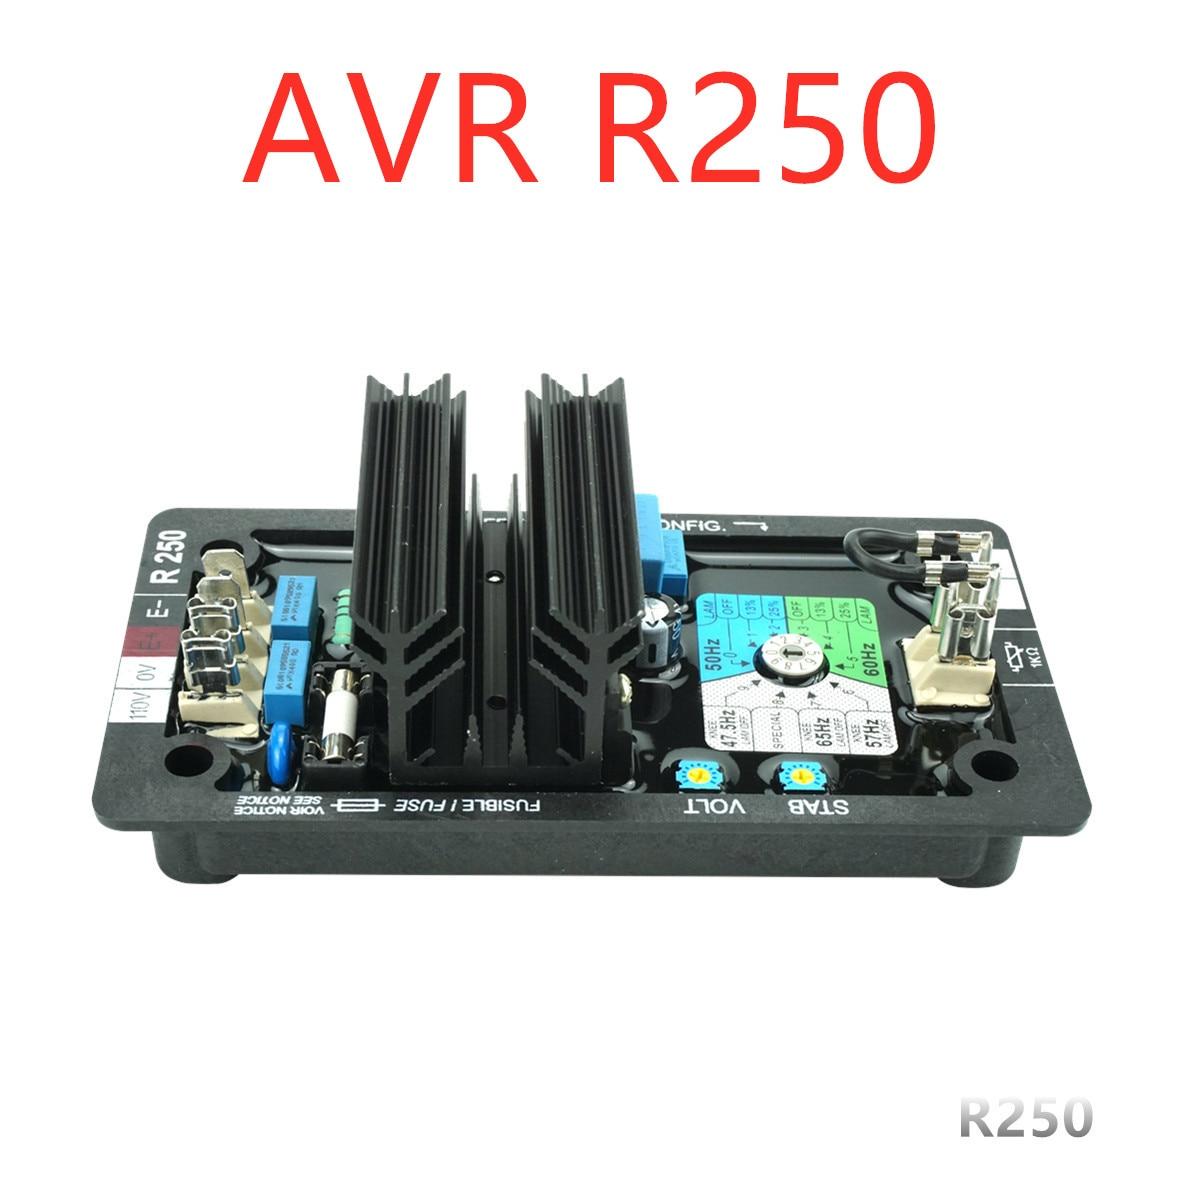 Генератор AVR R250 автоматический модуль регулятора напряжения бесщеточная система